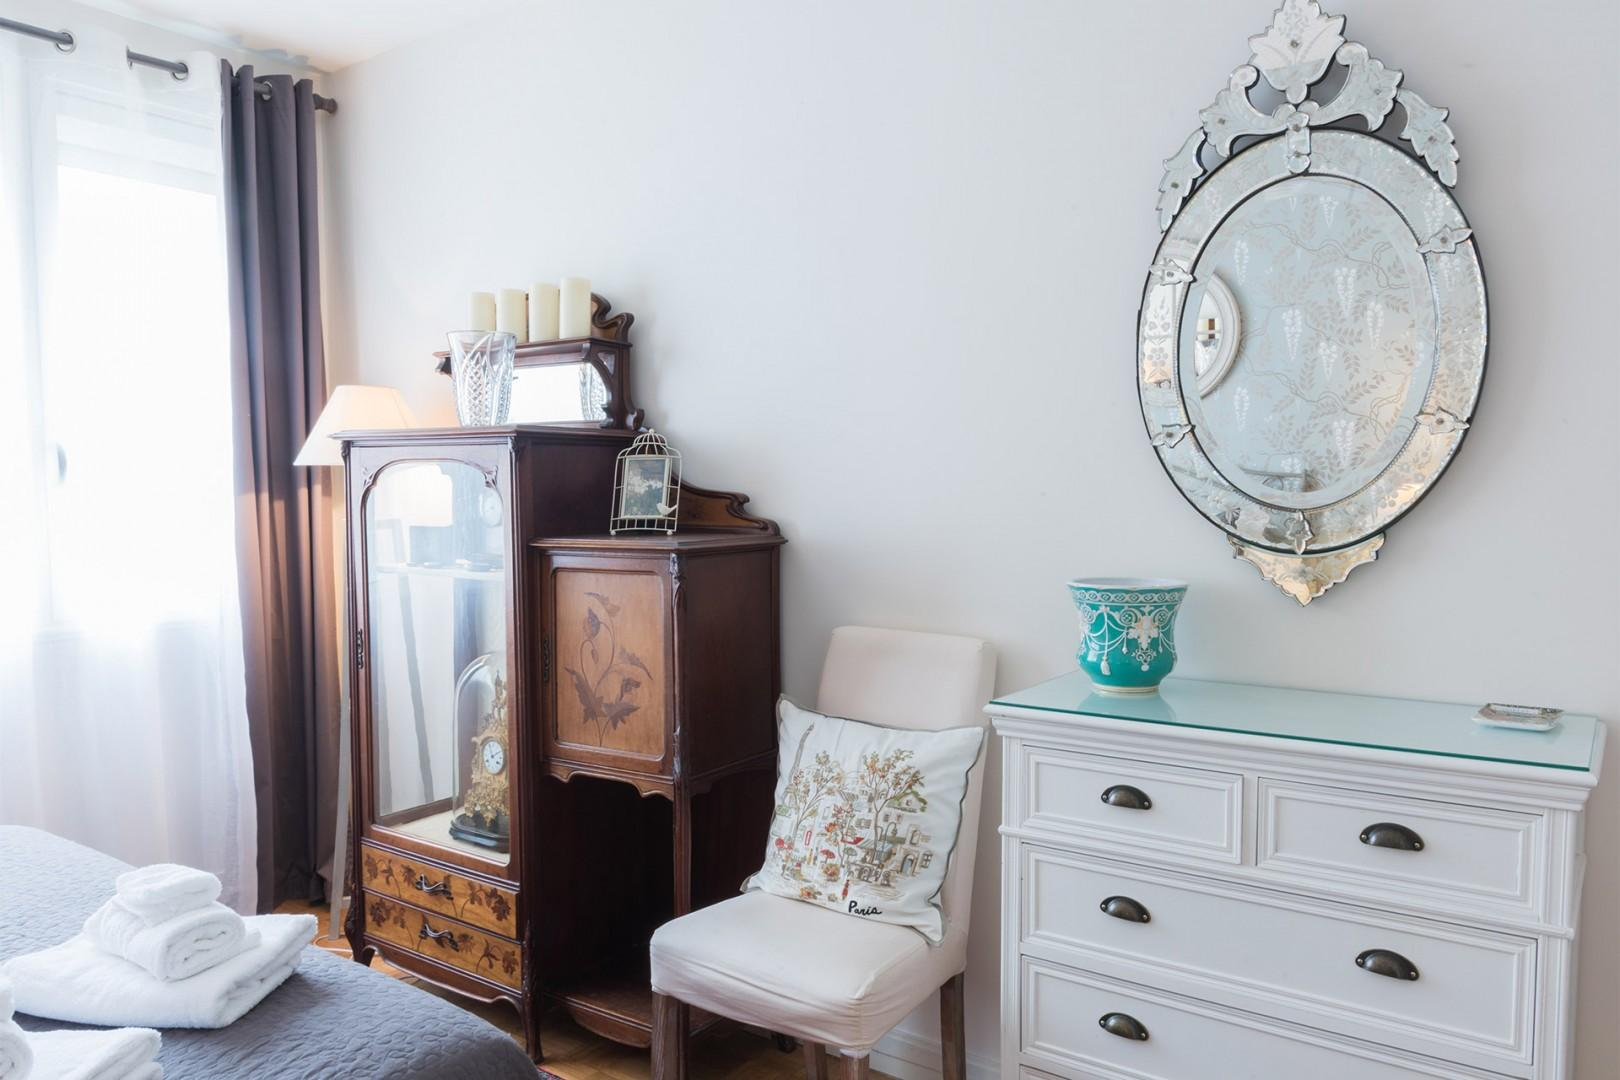 Bedroom 1 has plenty of storage for your belongings.